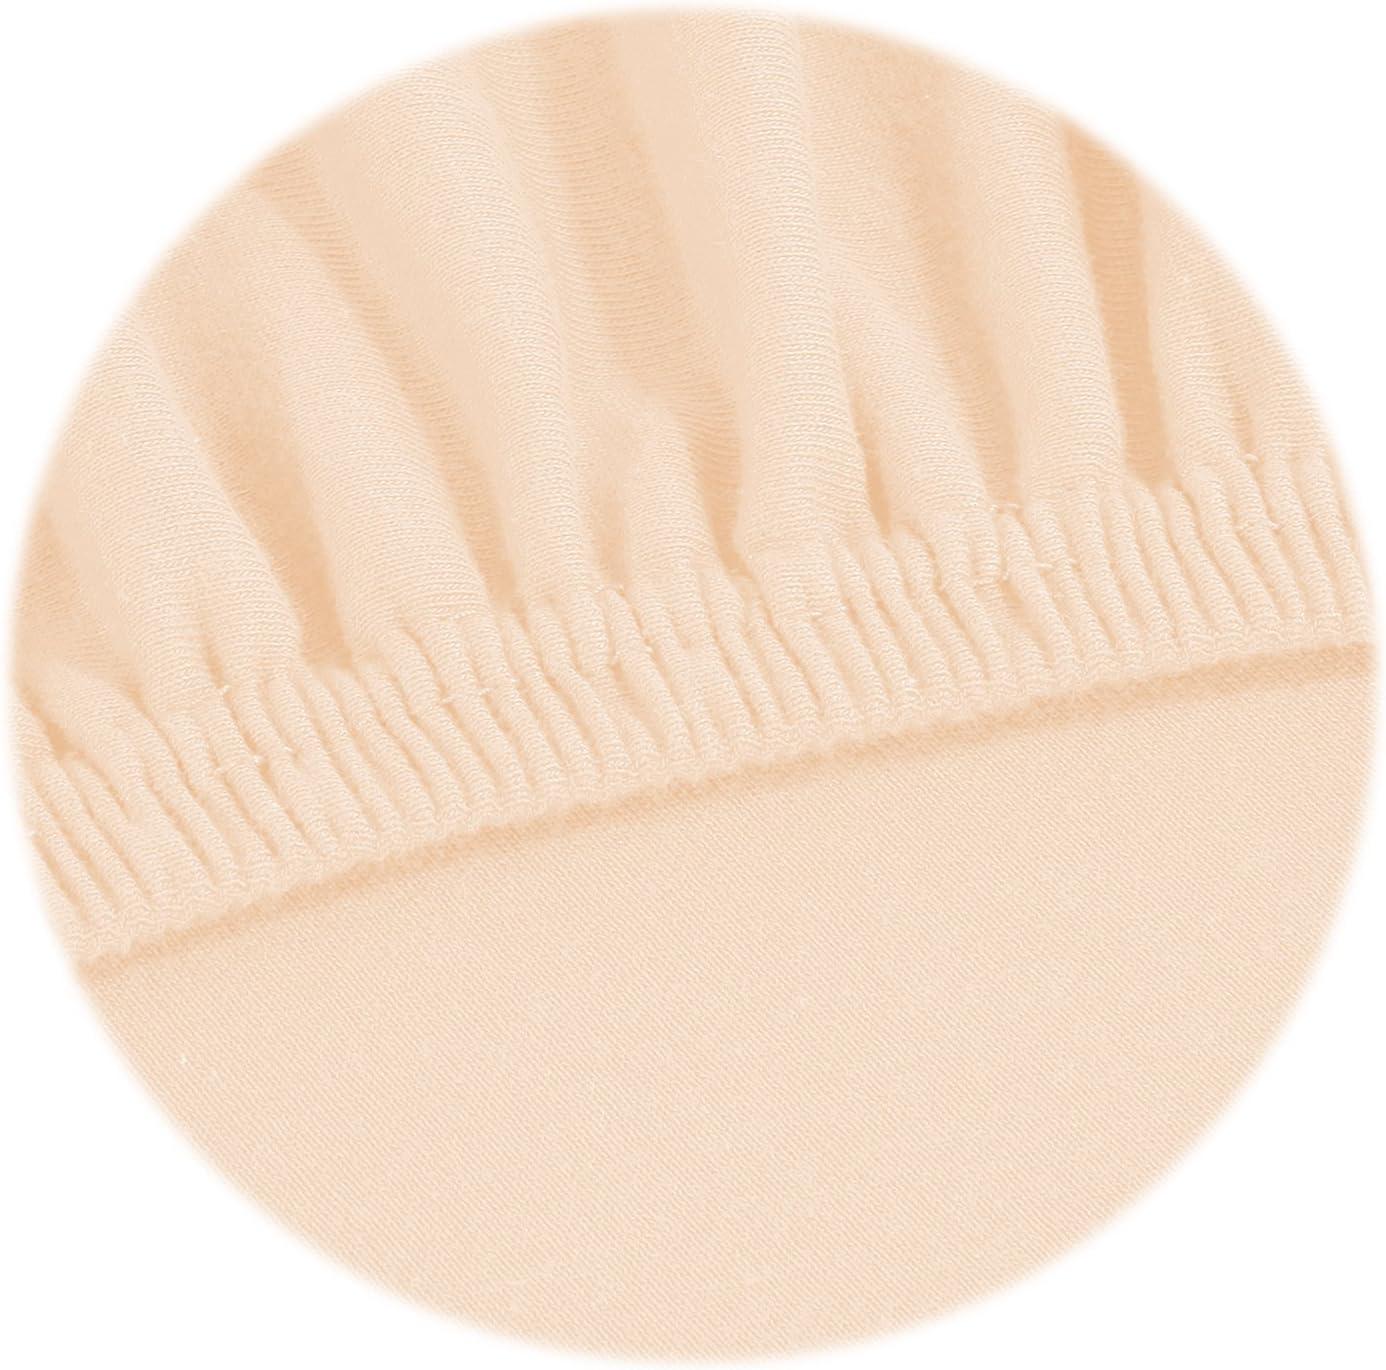 gelb 90x200 cm bis 100x200 cm SHC Spannbetttuch Jersey Topper Spannbettlaken 100/% Baumwolle